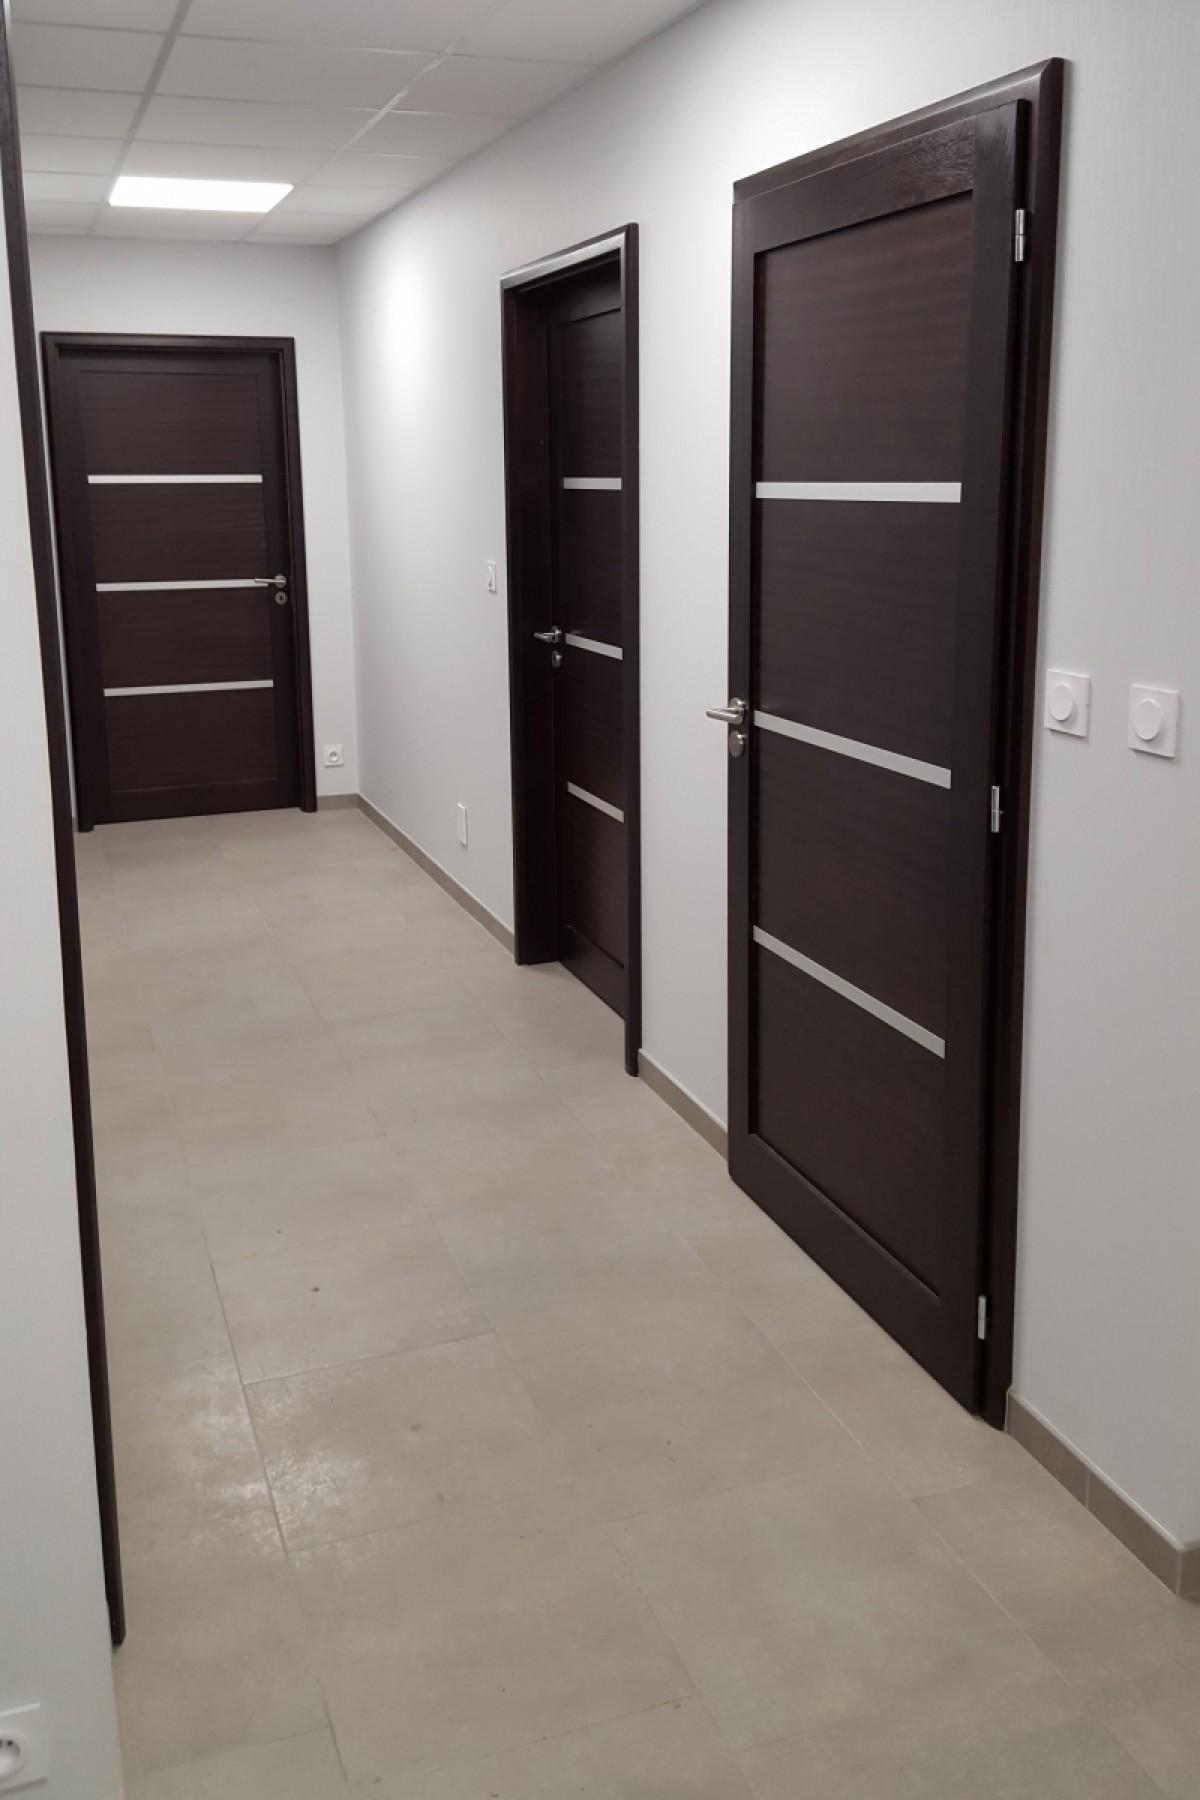 conception fabrication et pose de portes et verri res sur mesure en ille et vilaine 35 44 53. Black Bedroom Furniture Sets. Home Design Ideas